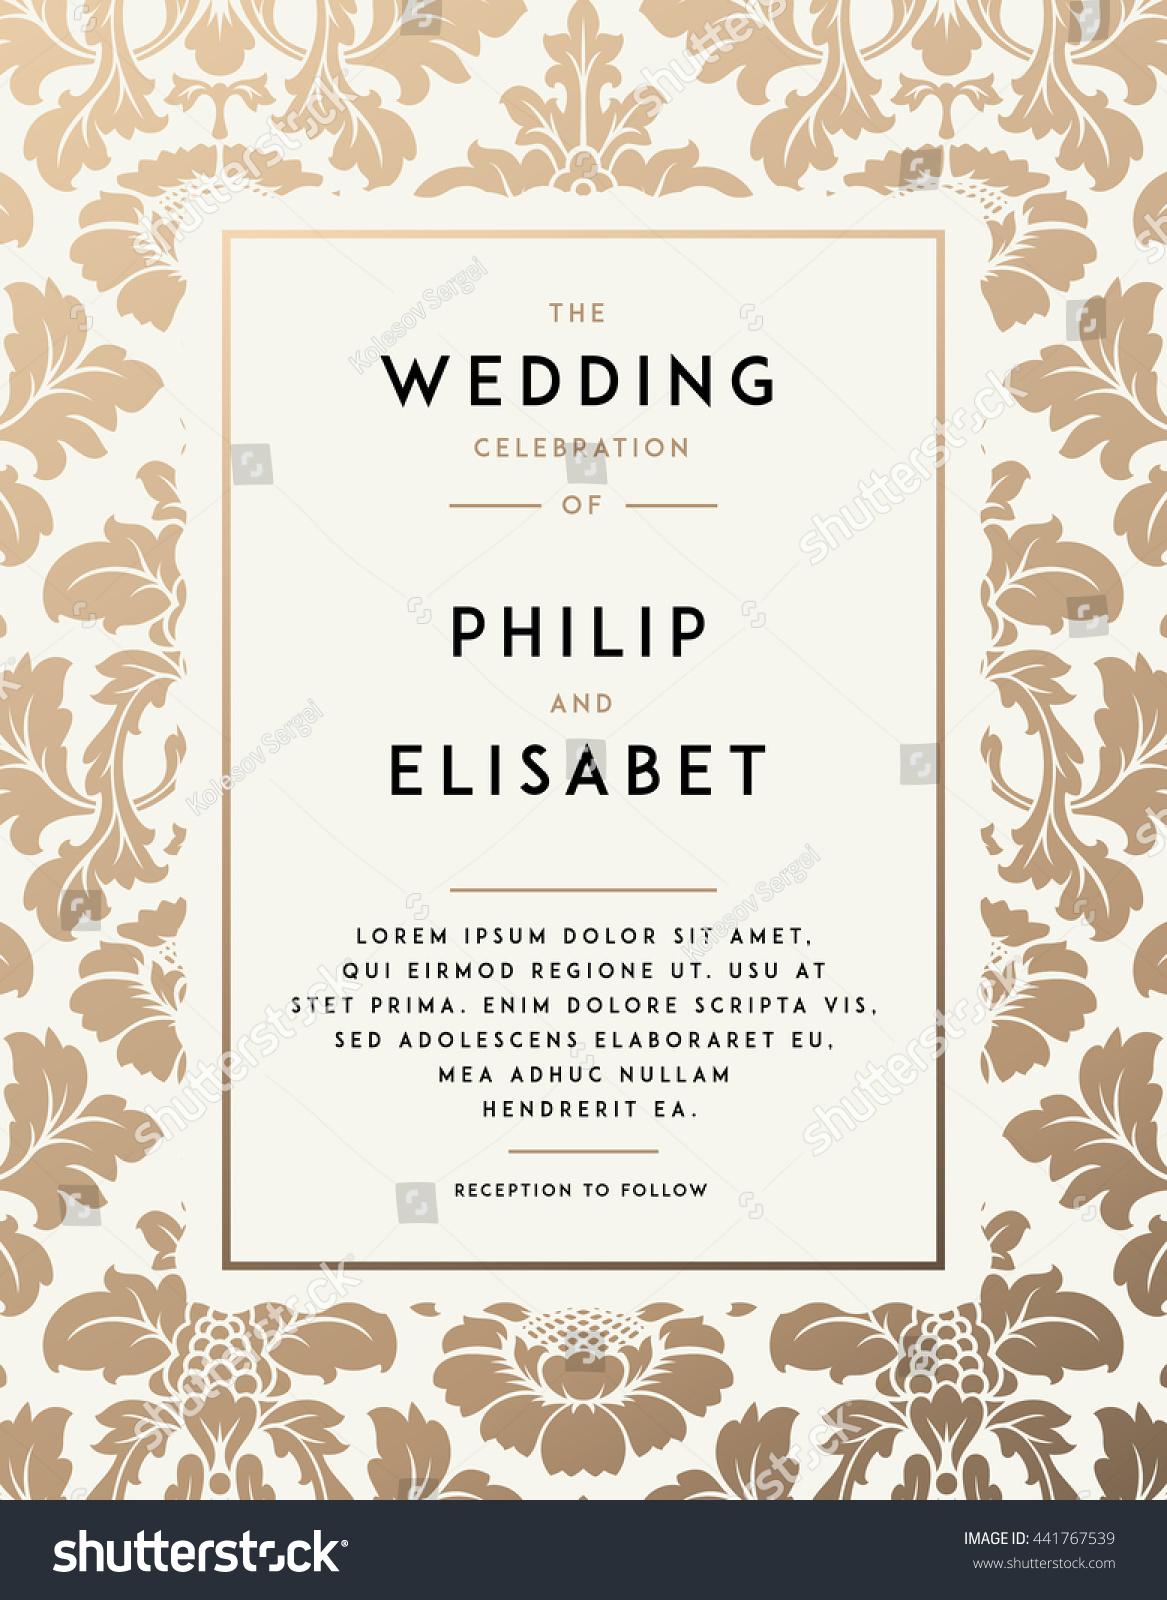 Wedding Invitation Borders was luxury invitation template